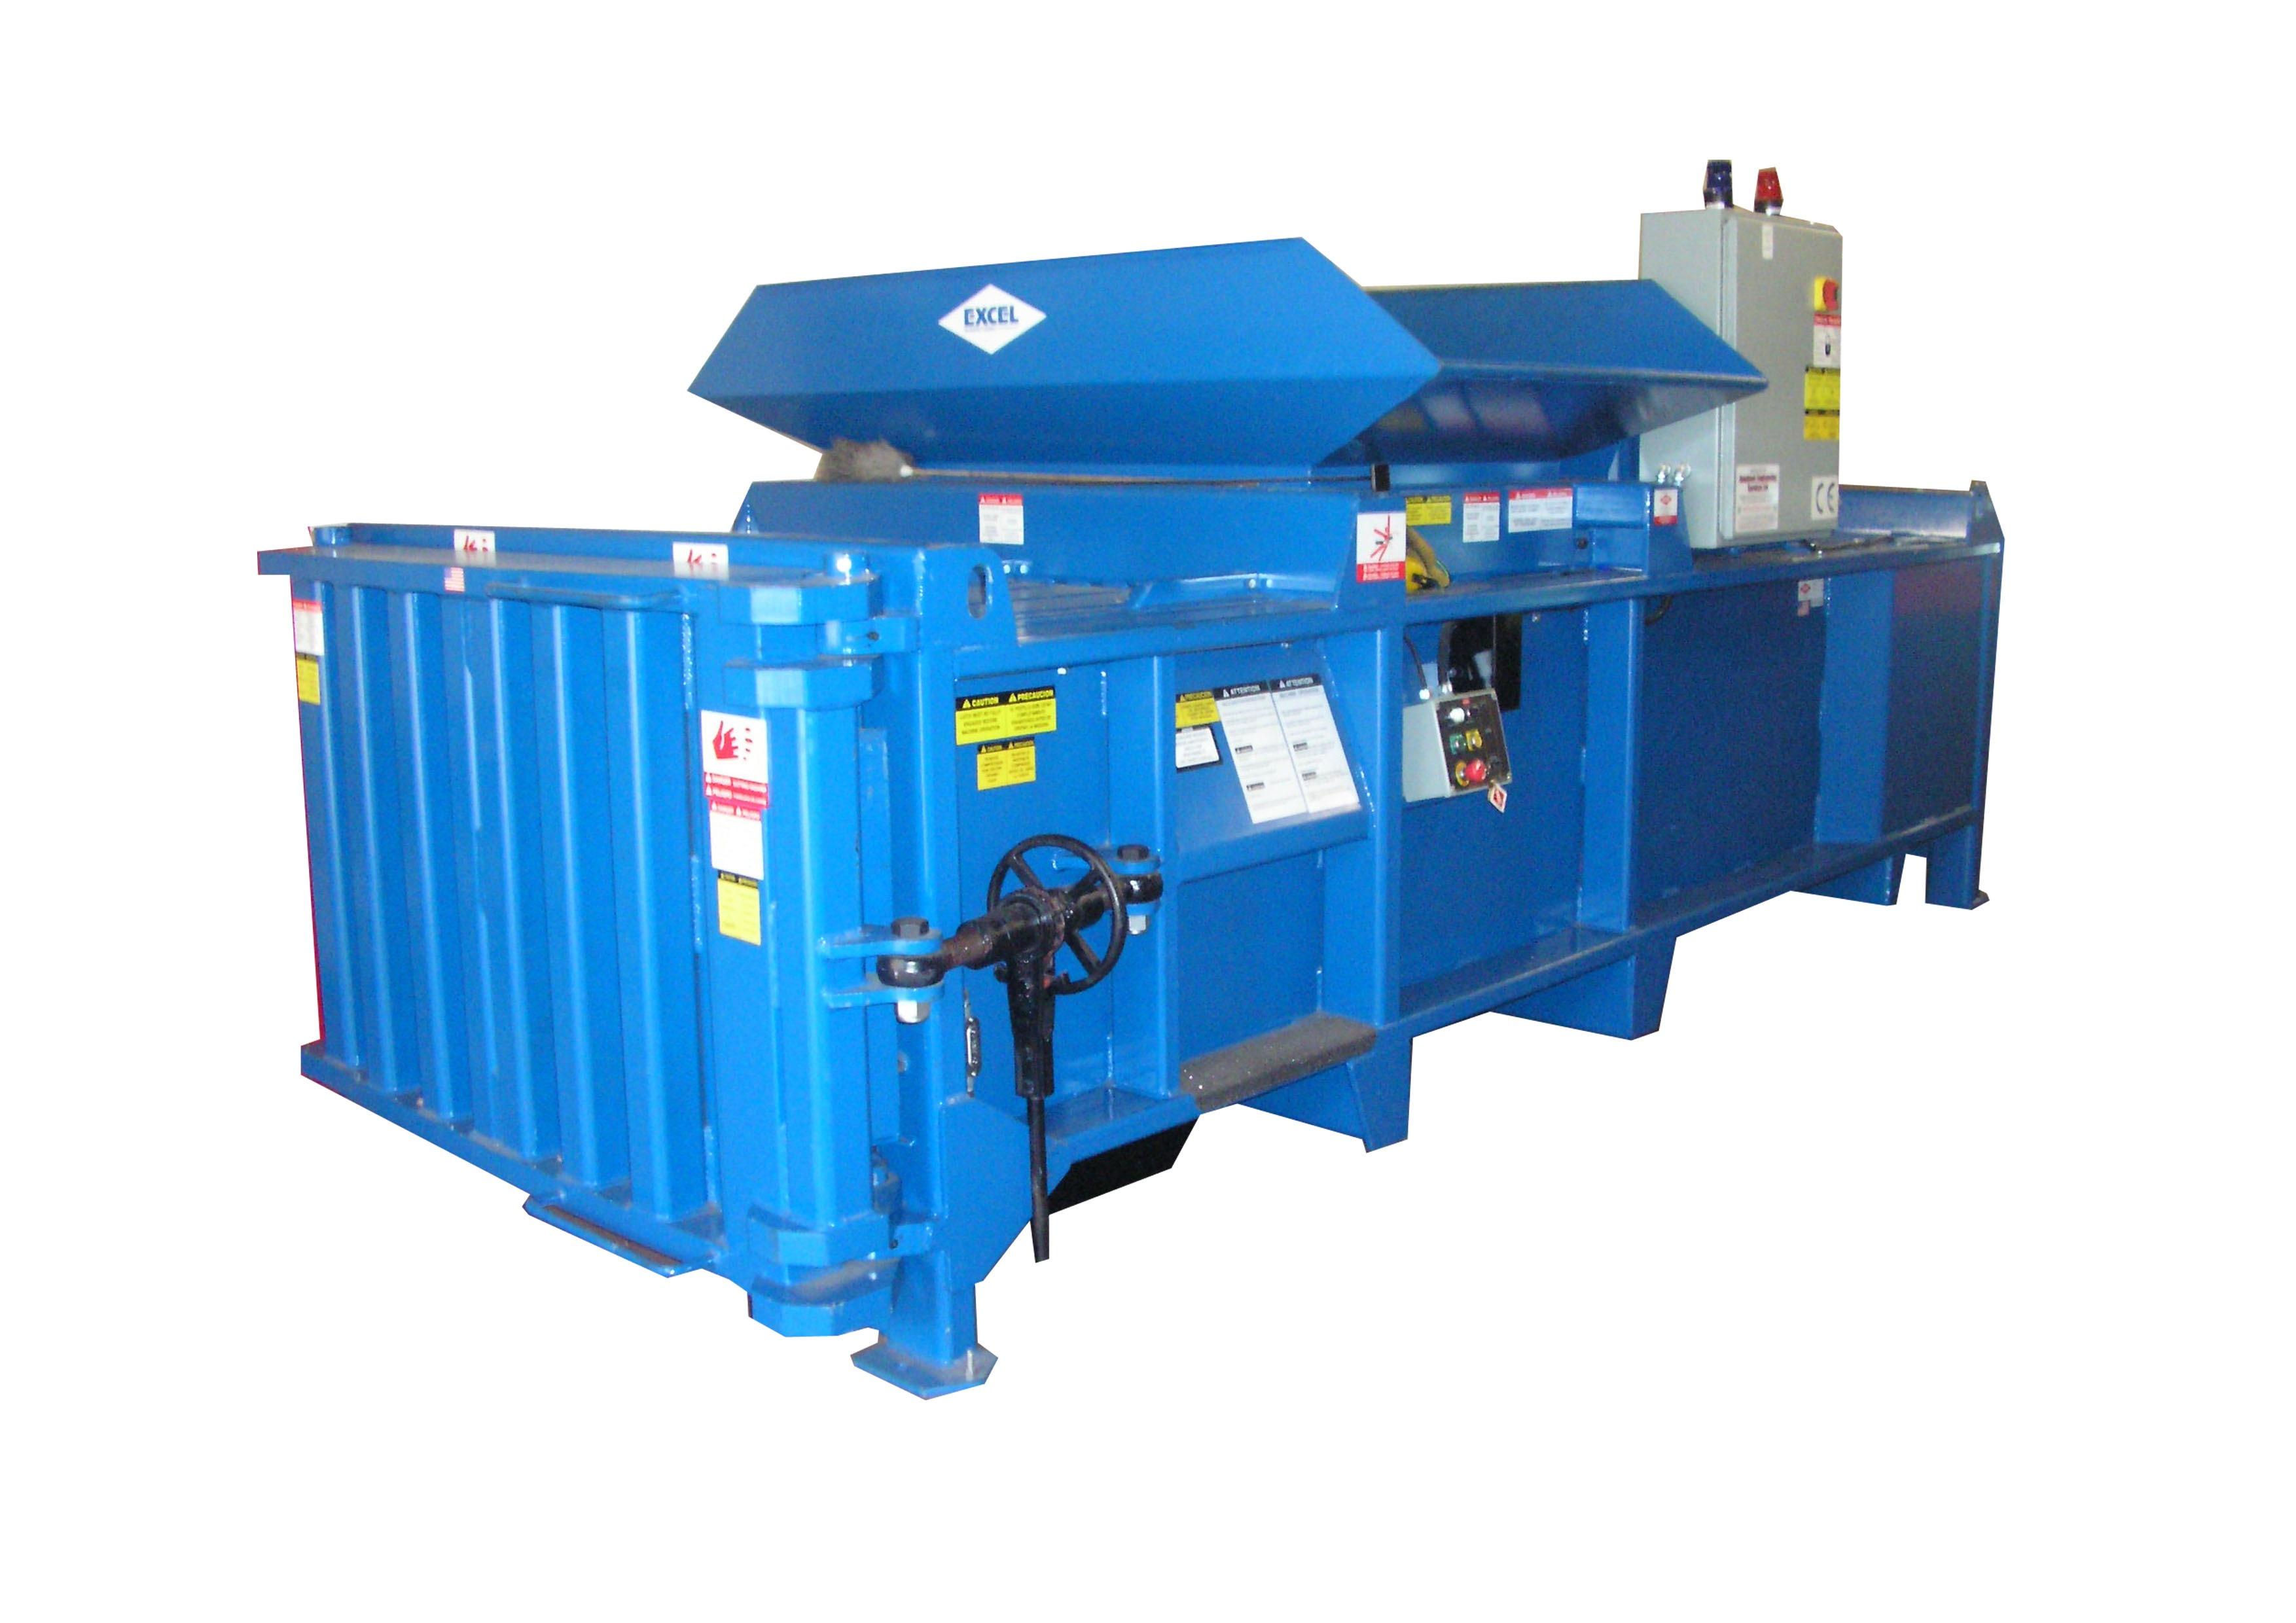 EX 62 horizontal waste baler